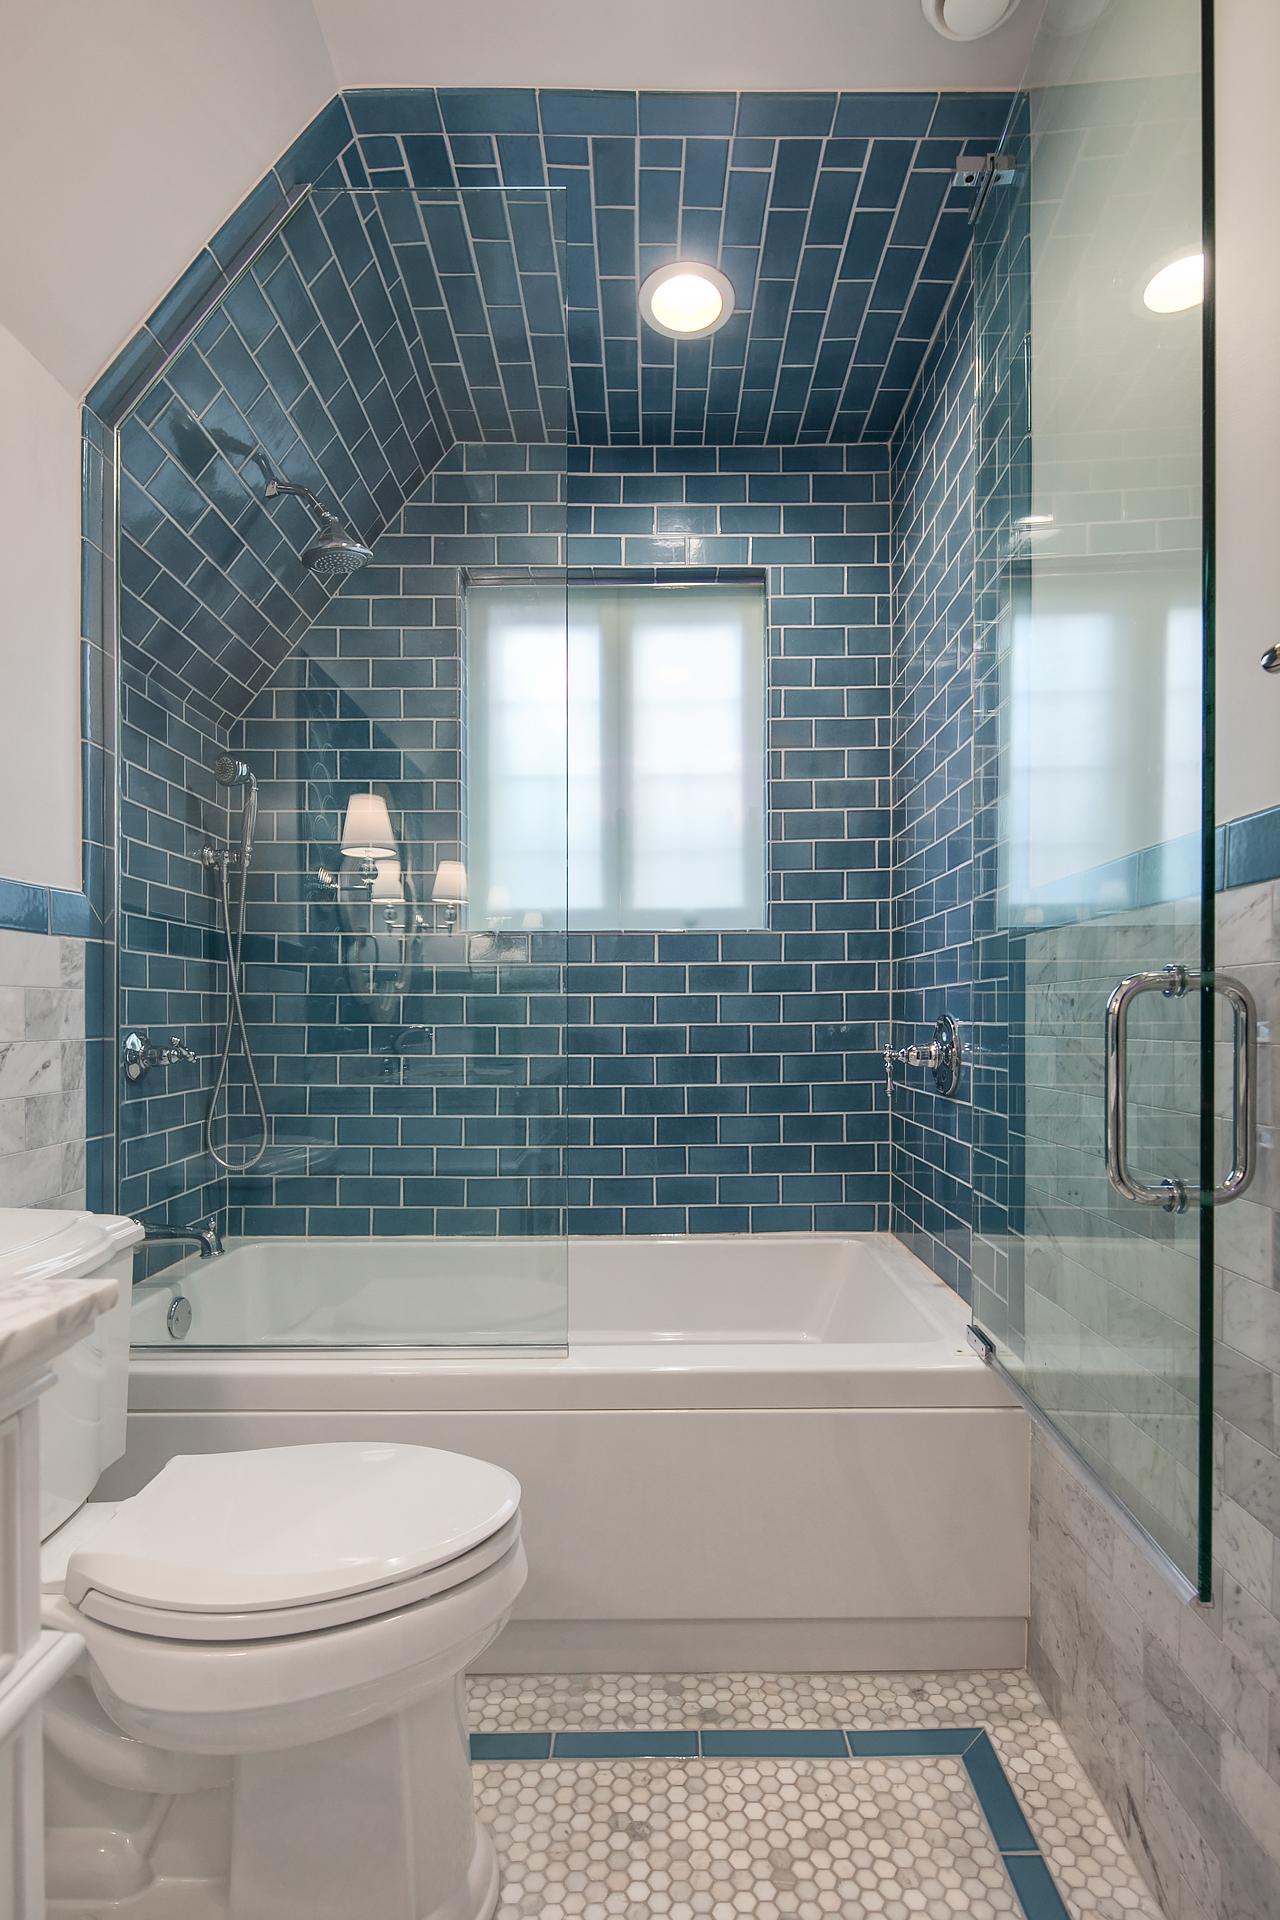 Tile School Bathroom Wall Tile Height How High